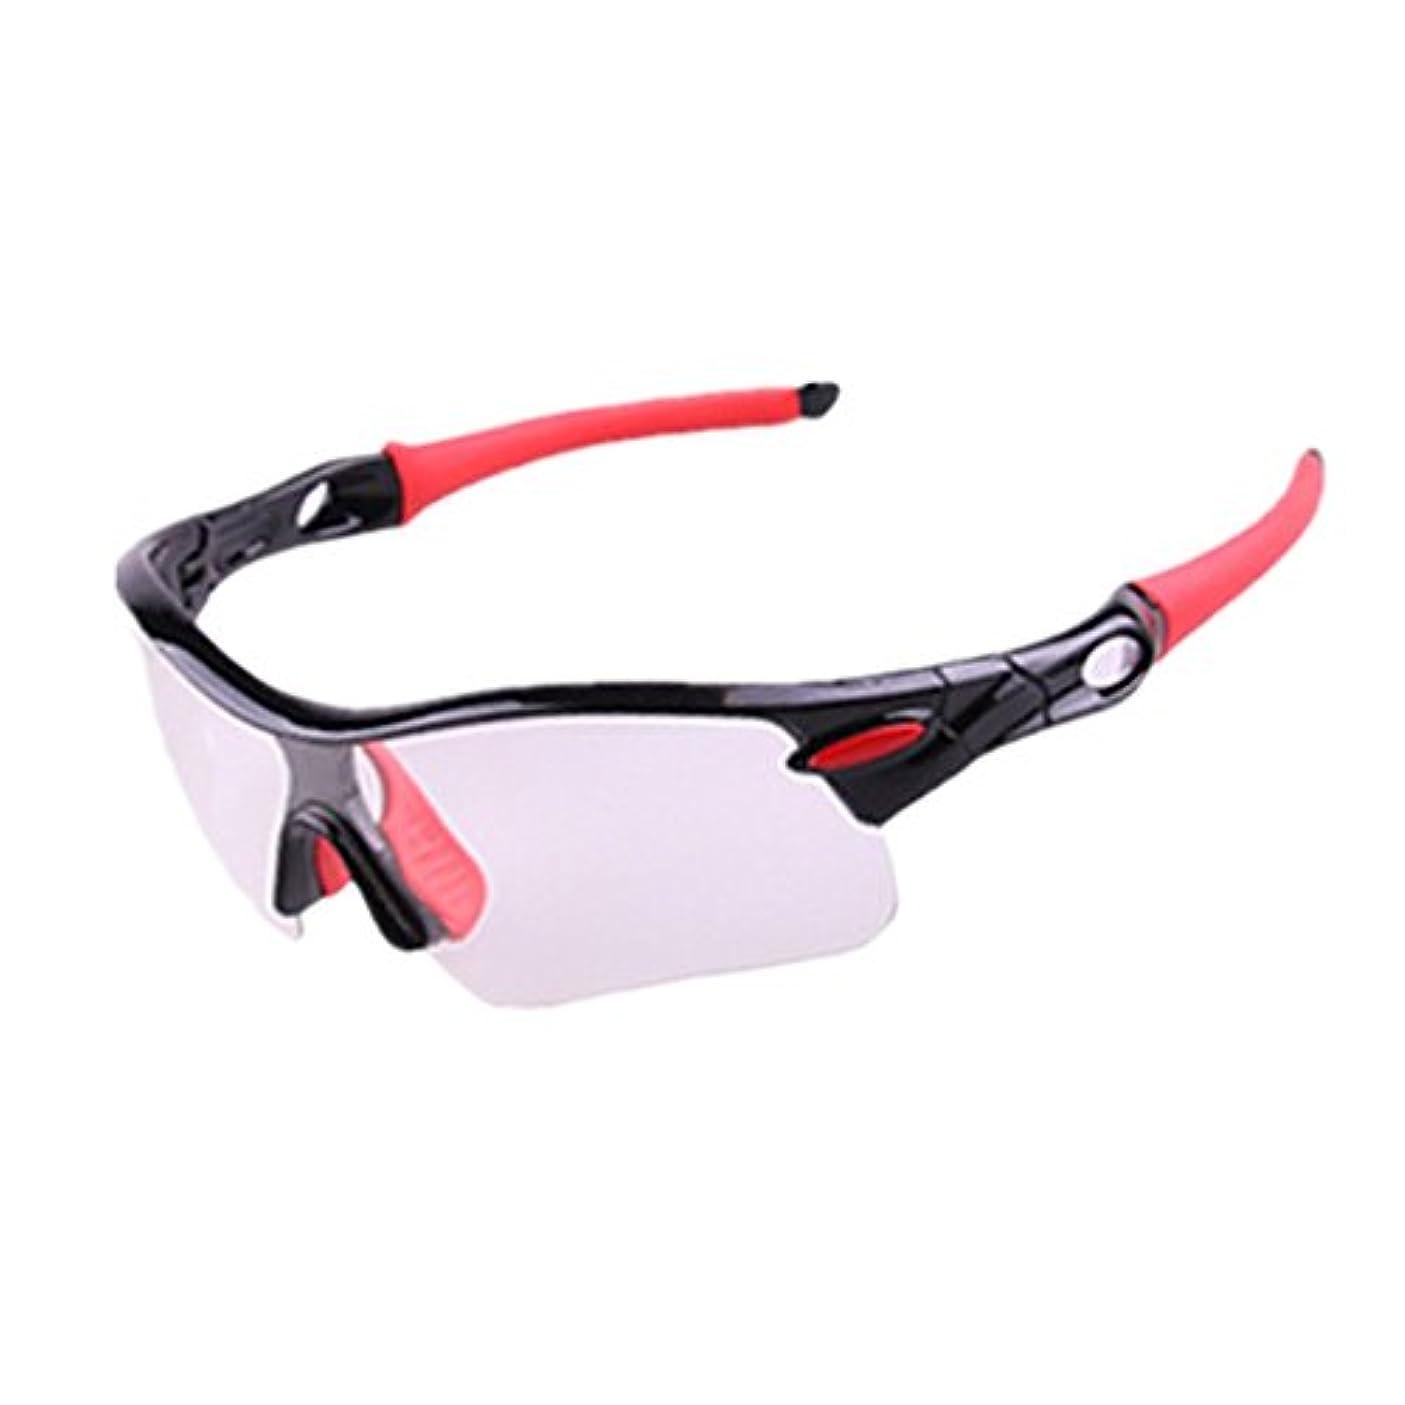 便宜トラフ応じるサイクリングメガネ 屋外サイクリング愛好家に適した大人の屋外メガネを変える自転車の色